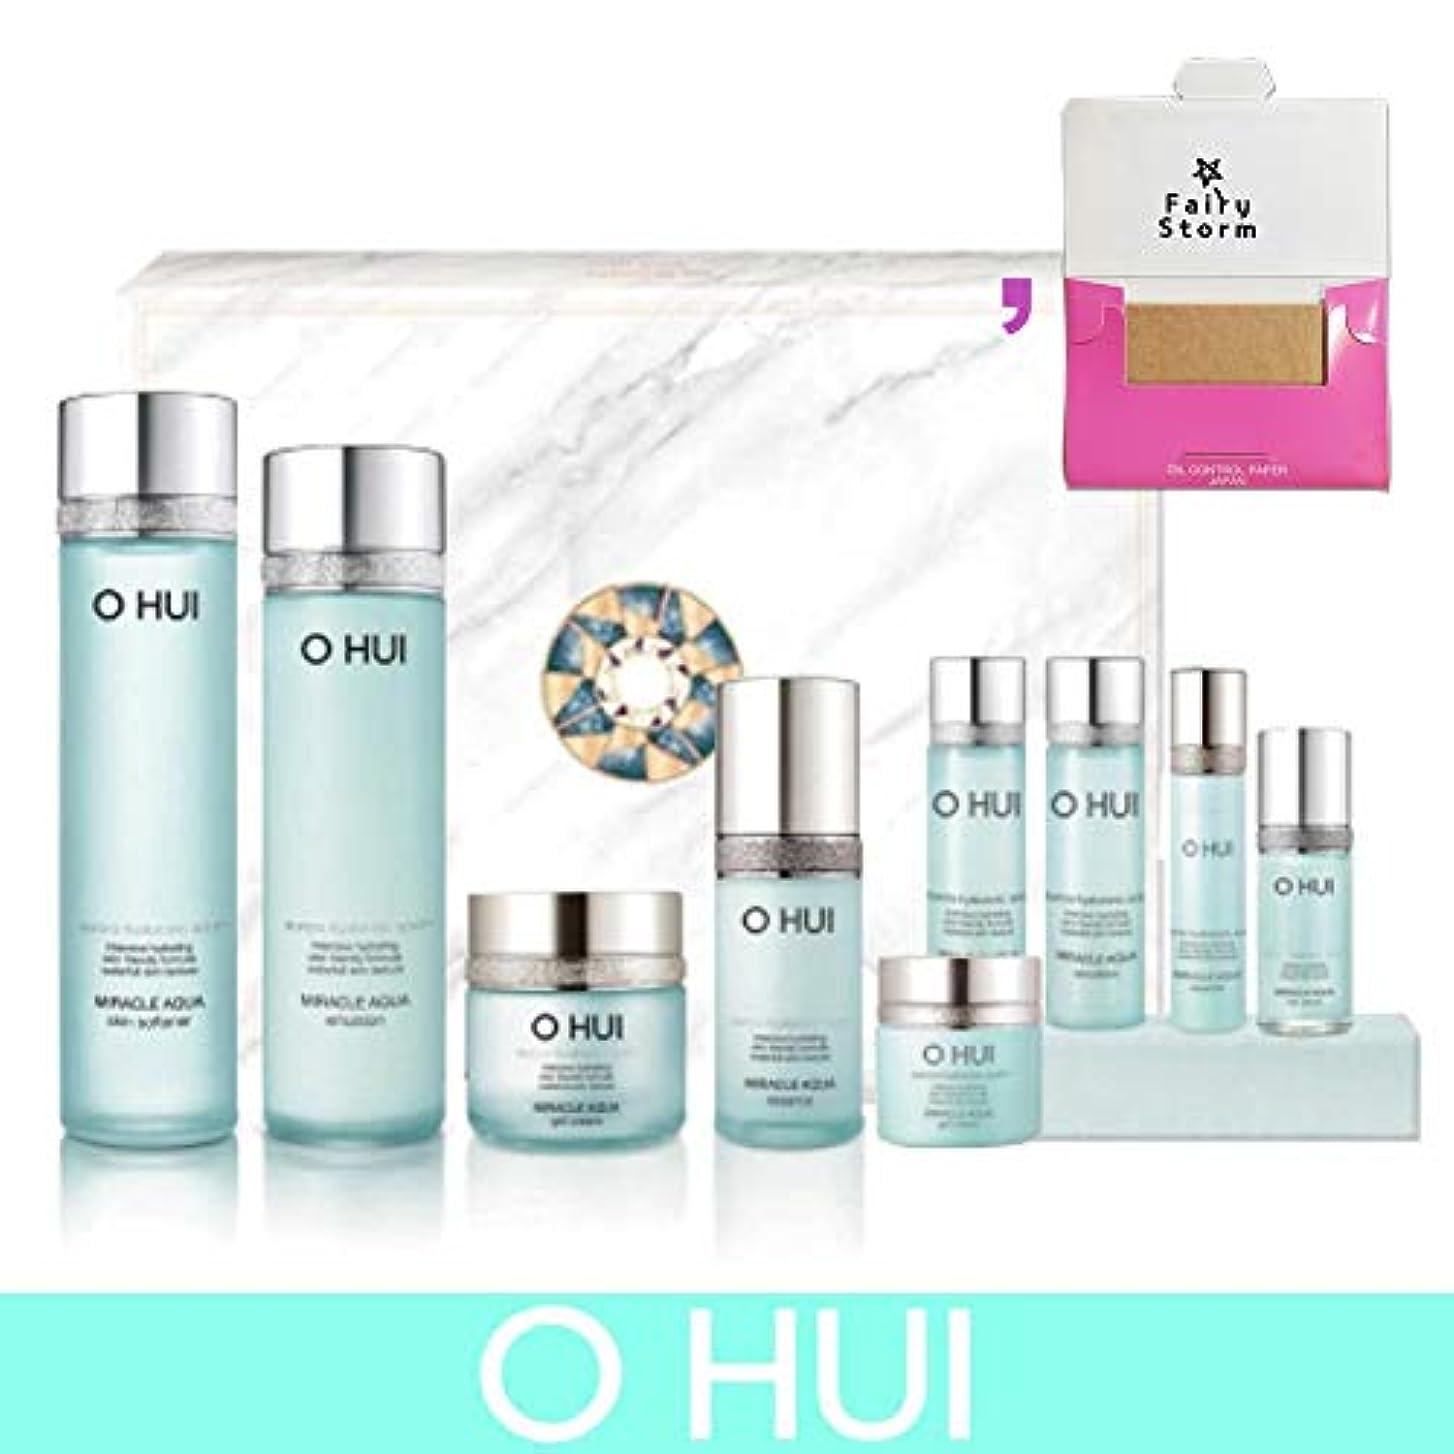 七面鳥カラスつづり[オフィ/O HUI]韓国化粧品 LG生活健康/O HUI MIRACLE AQUA SPECIAL 4EA SET/ミラクル アクア 4種セット + [Sample Gift](海外直送品)